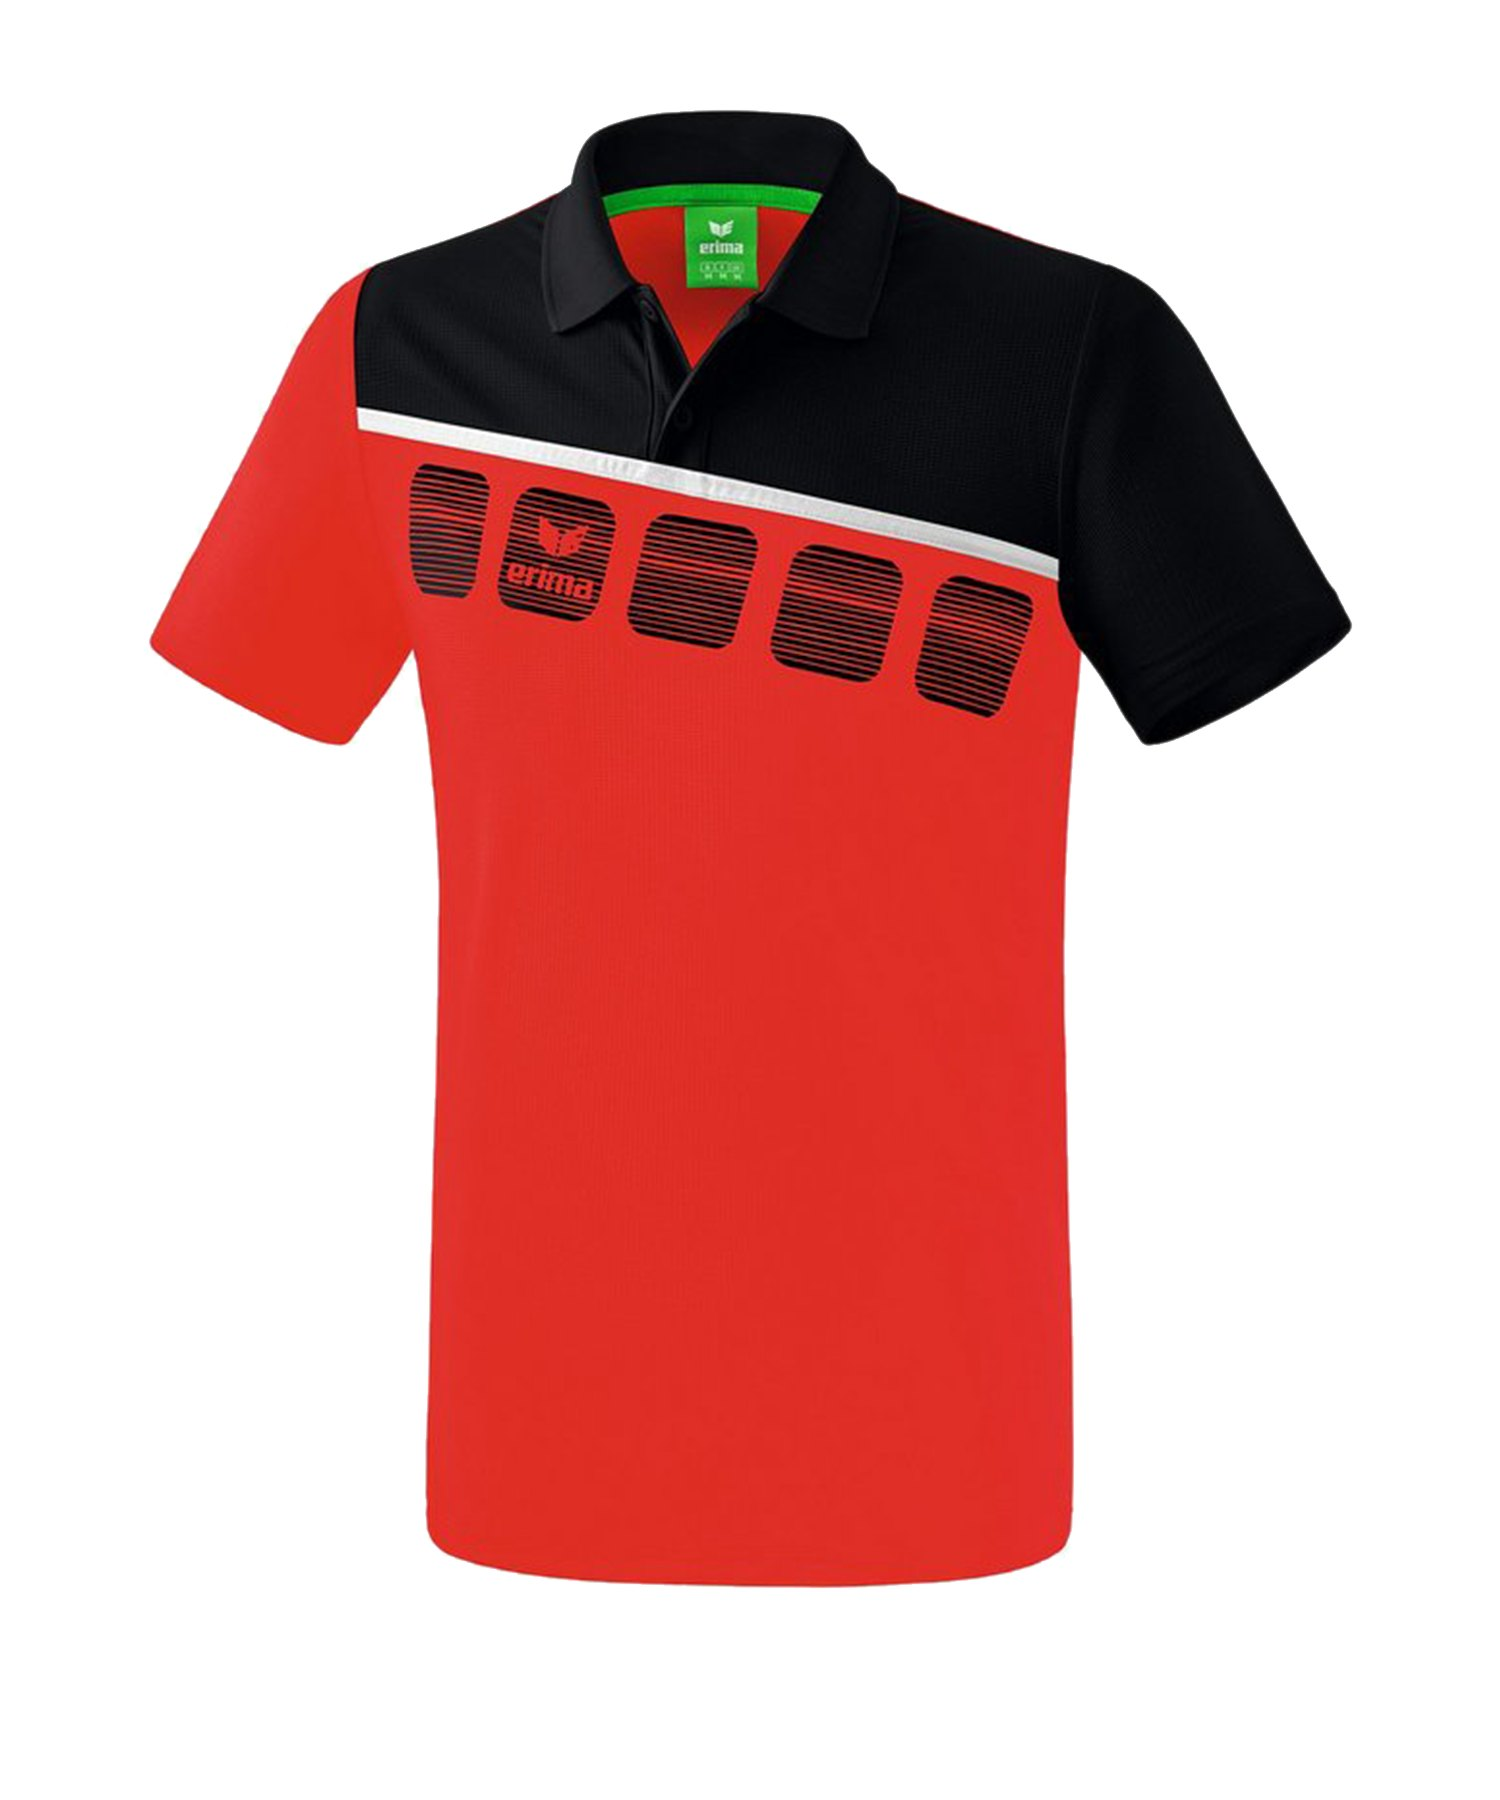 Erima 5-C Poloshirt Rot Schwarz - Rot